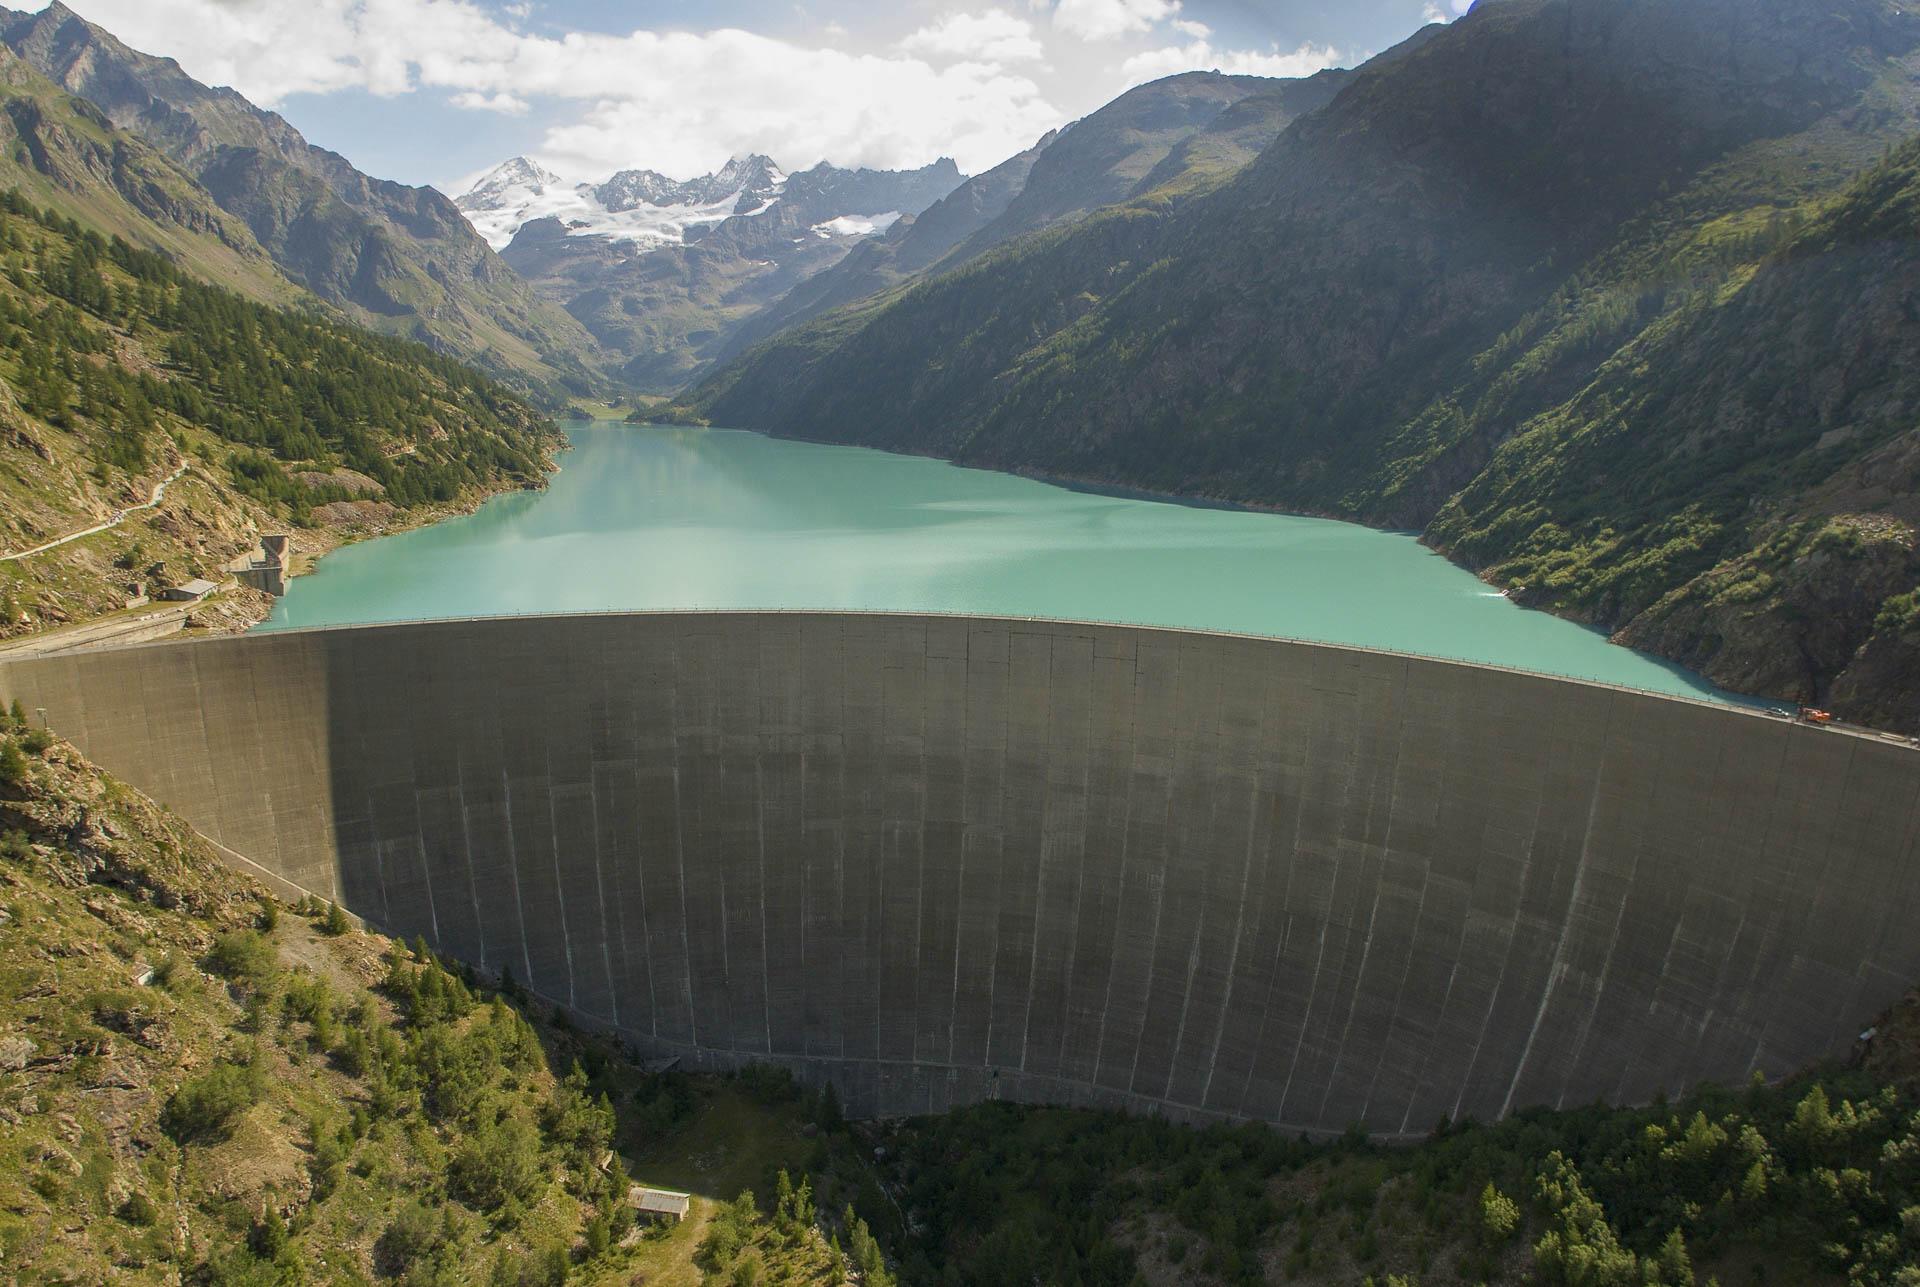 Diga di Place Moulin Impianto per energia idroelettrica rinnovabile Gruppo CVA